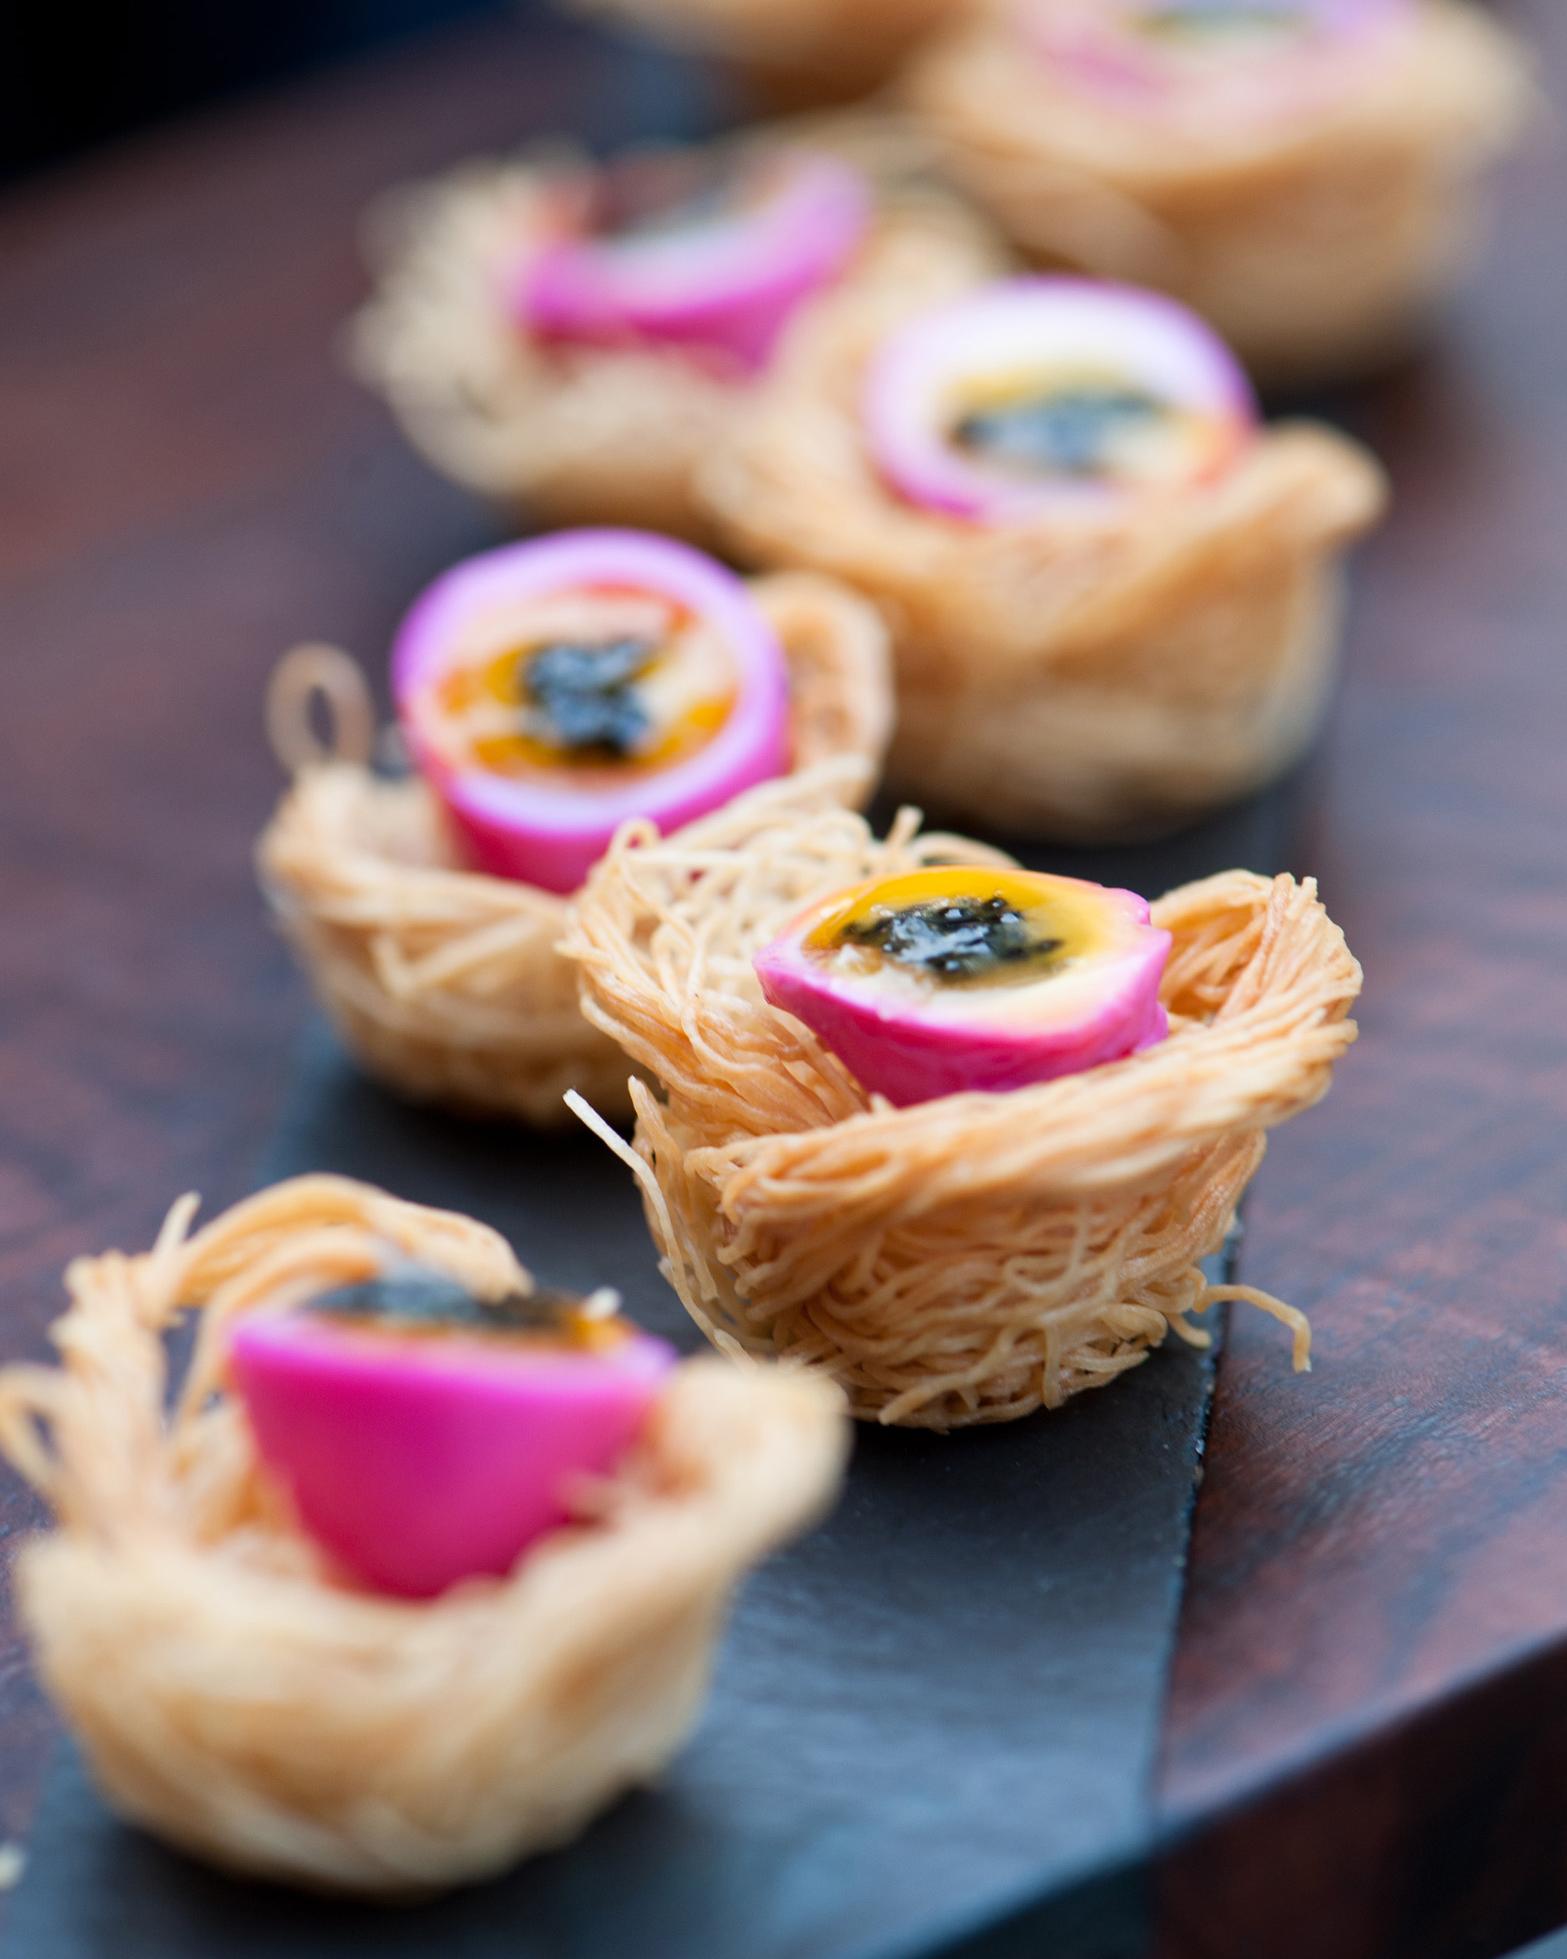 sydney-christina-wedding-food-079-s111743-0115.jpg